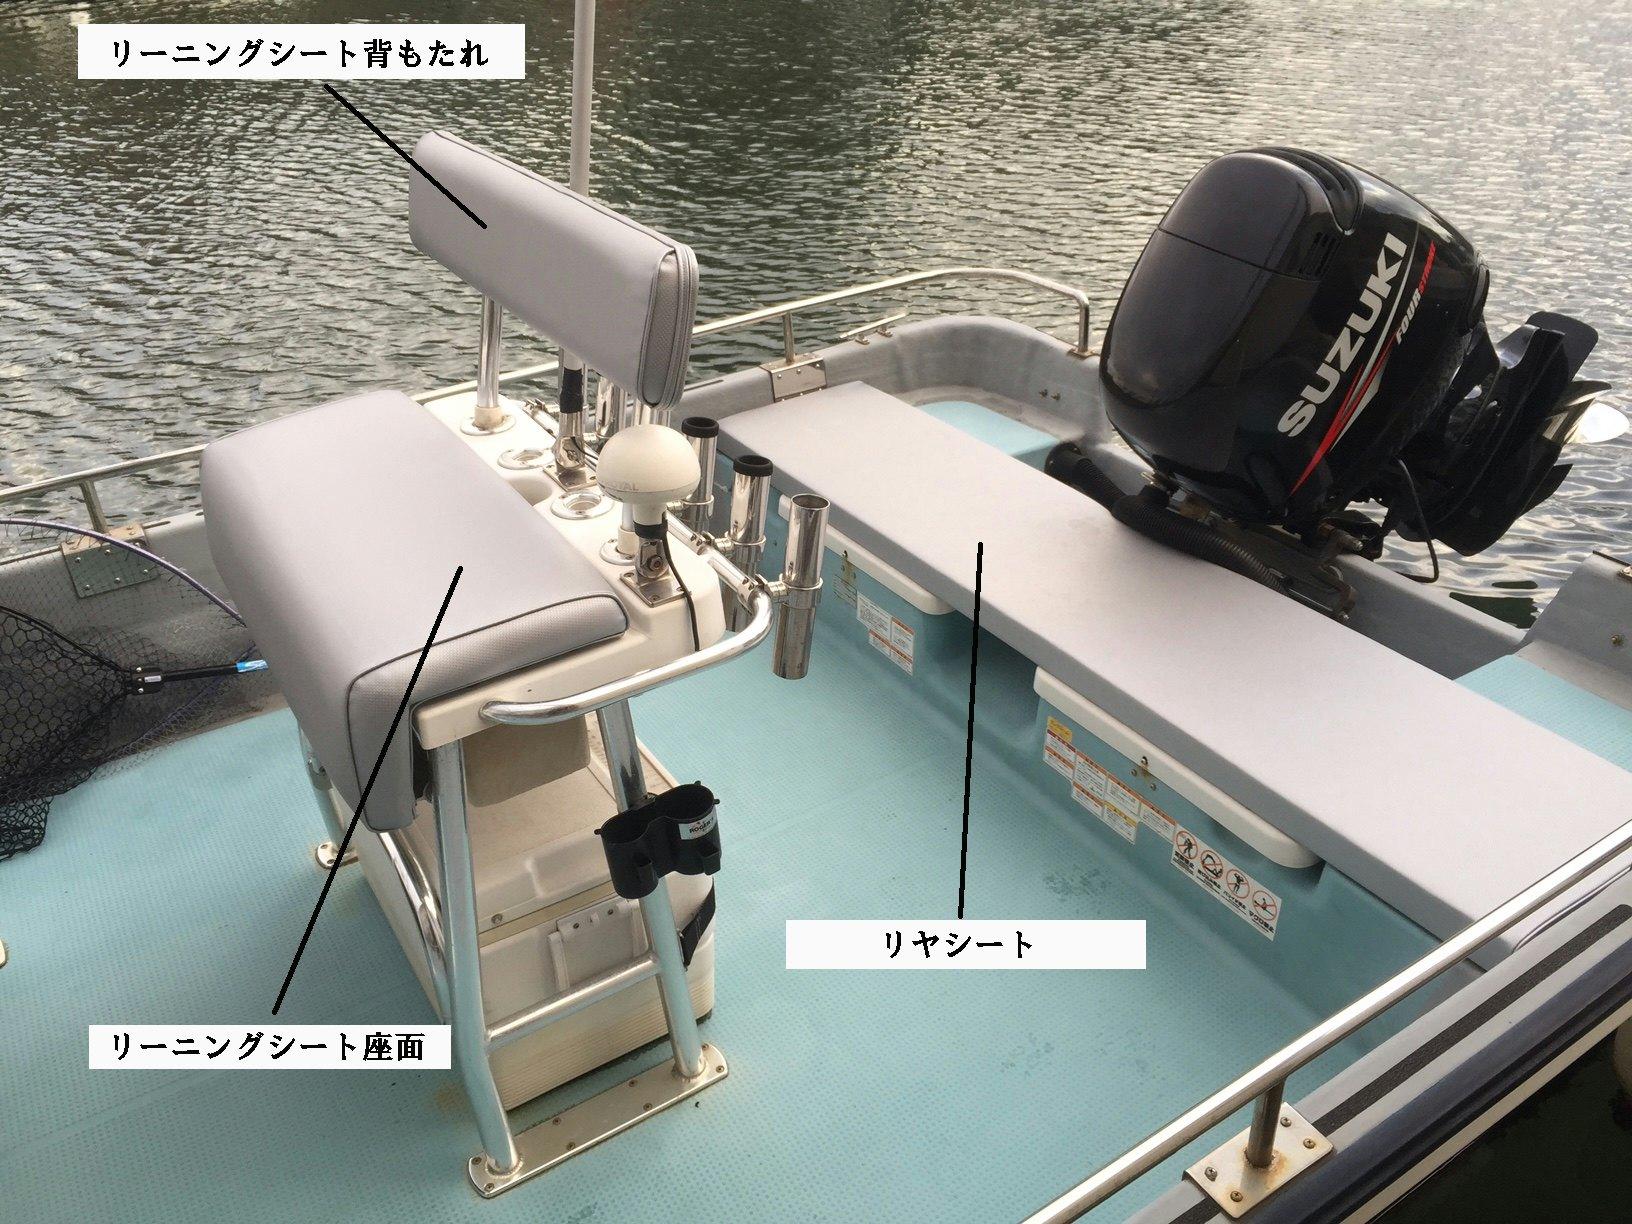 プレジャーボートのシート張替え